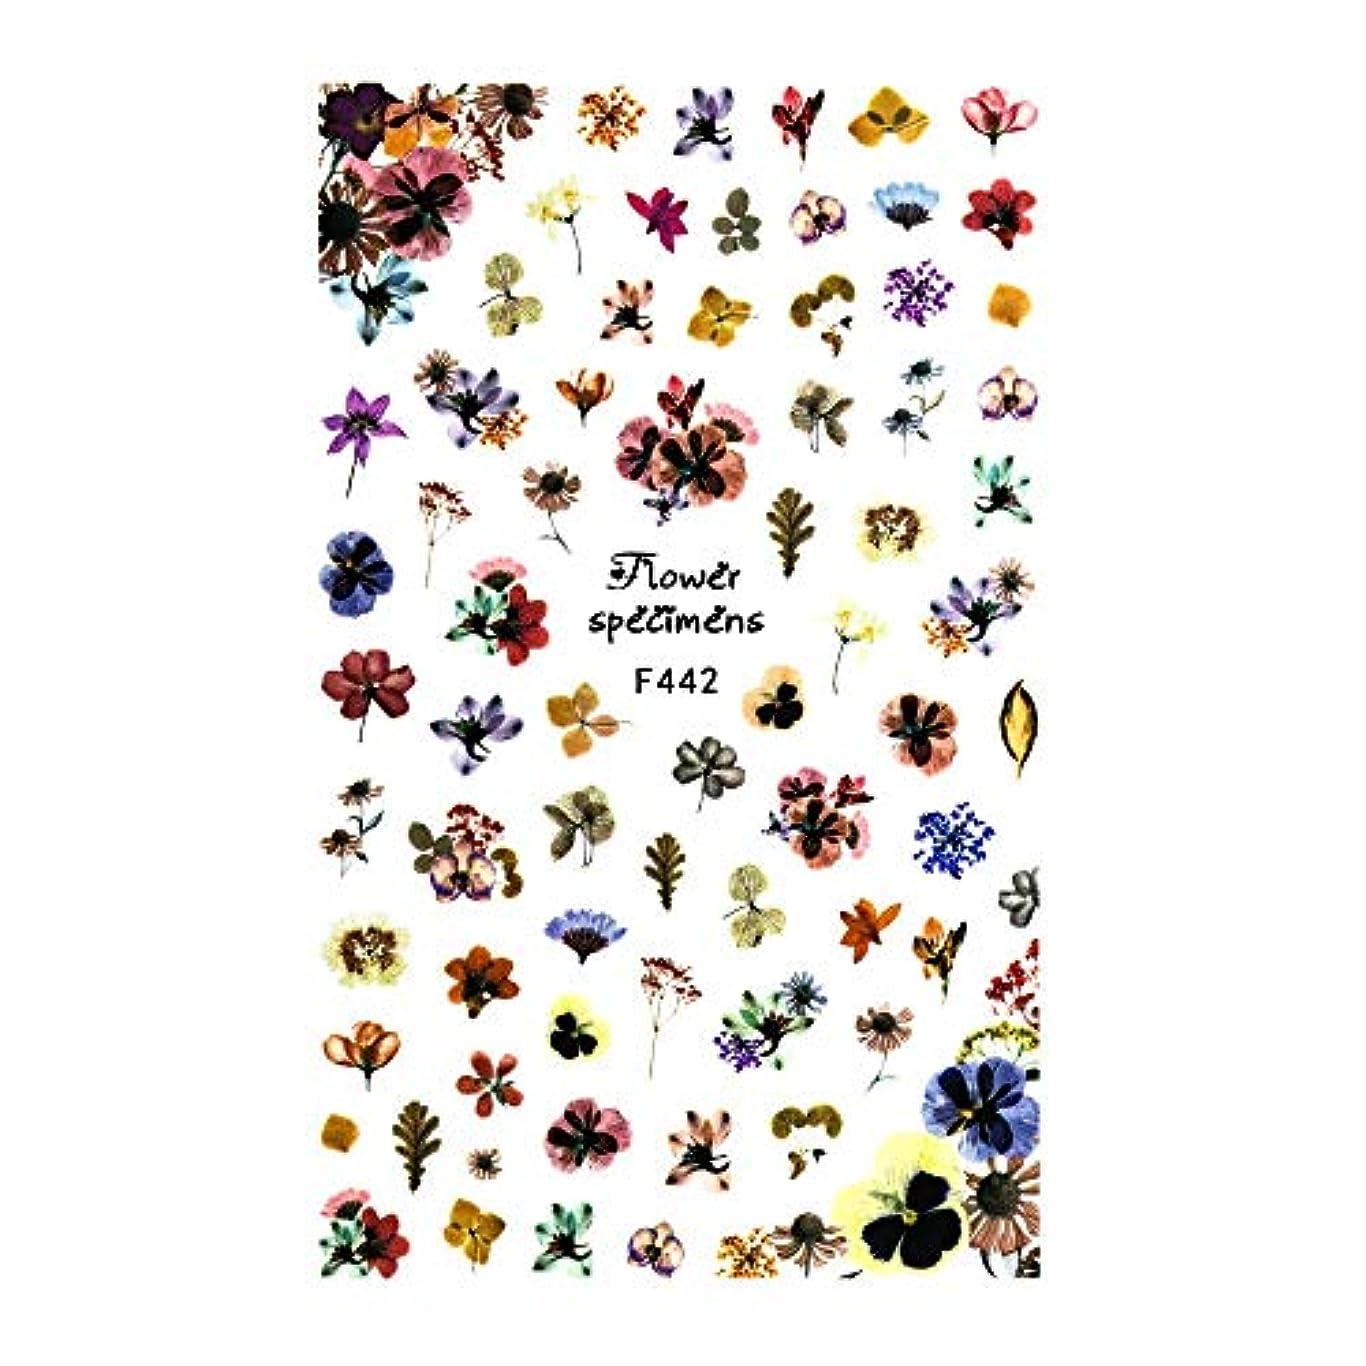 読書スポンジ楽しませるirogel イロジェル ネイルシール アンティークドライフラワーシール【F442】花 フラワー ドライフラワー